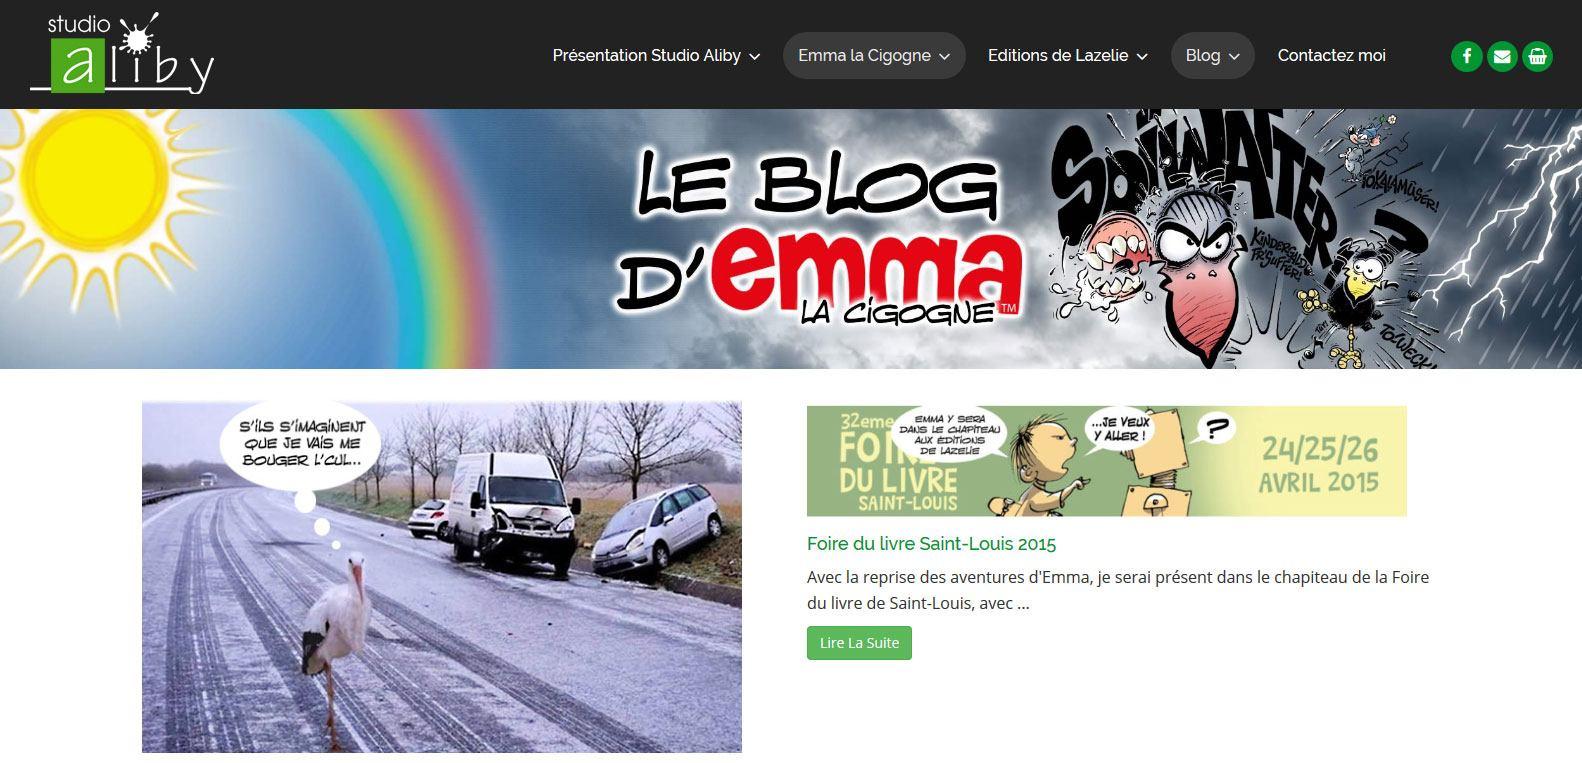 Le blog d'emma la Cigogne - studio aliby - Client Karedess, agence web à Mulhouse